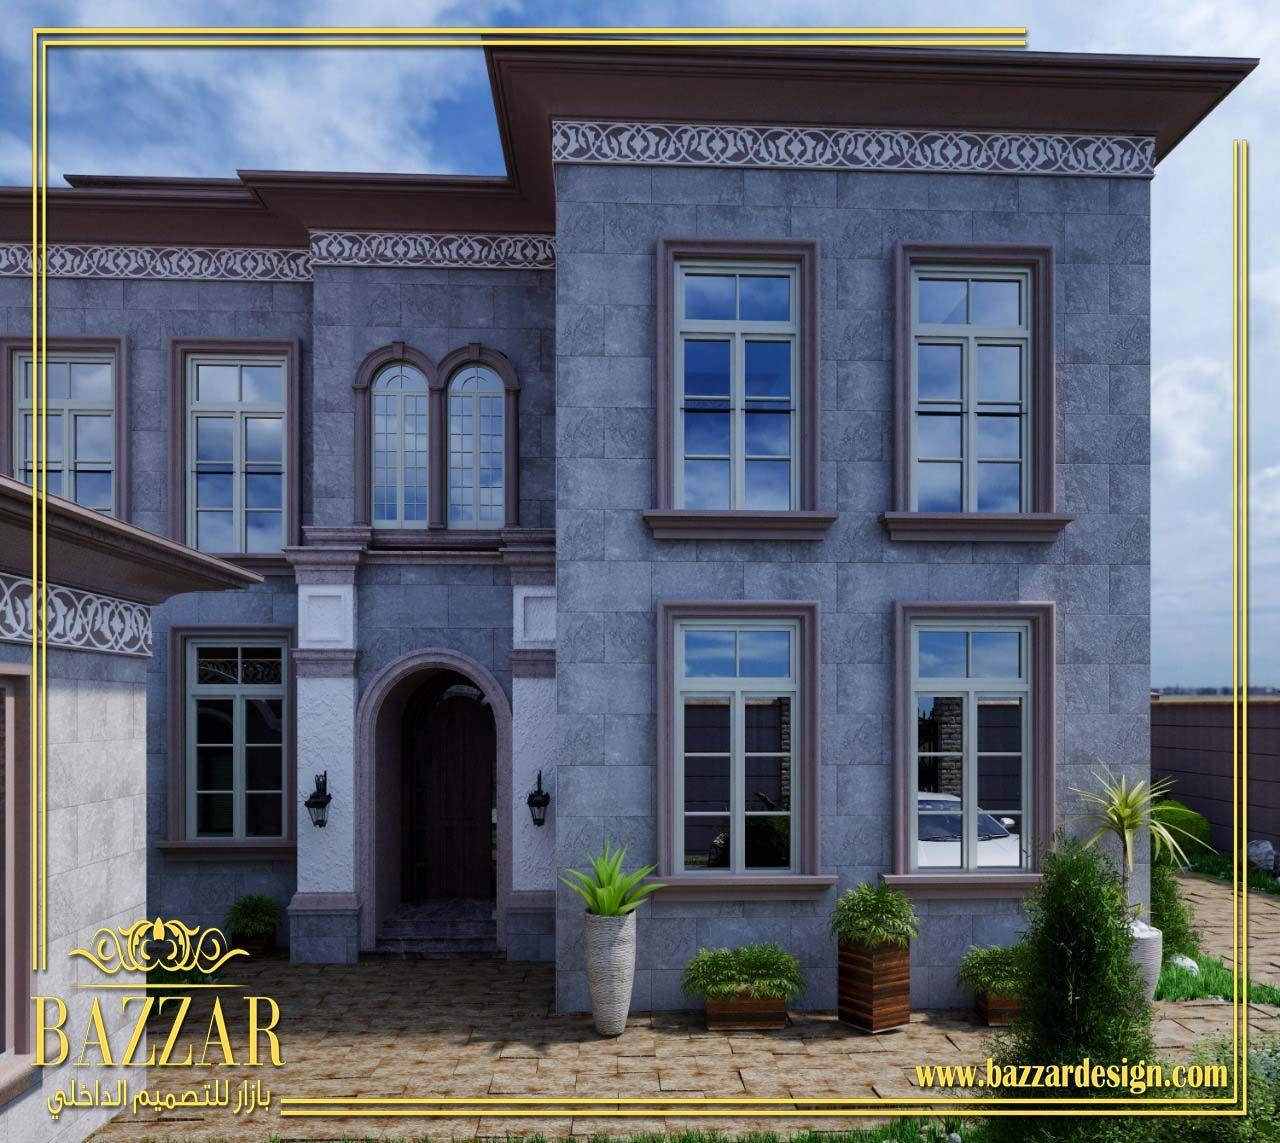 Exteriordesign Decoration Decor Design Bazzardesign Ksa Exterior Design Design House Styles